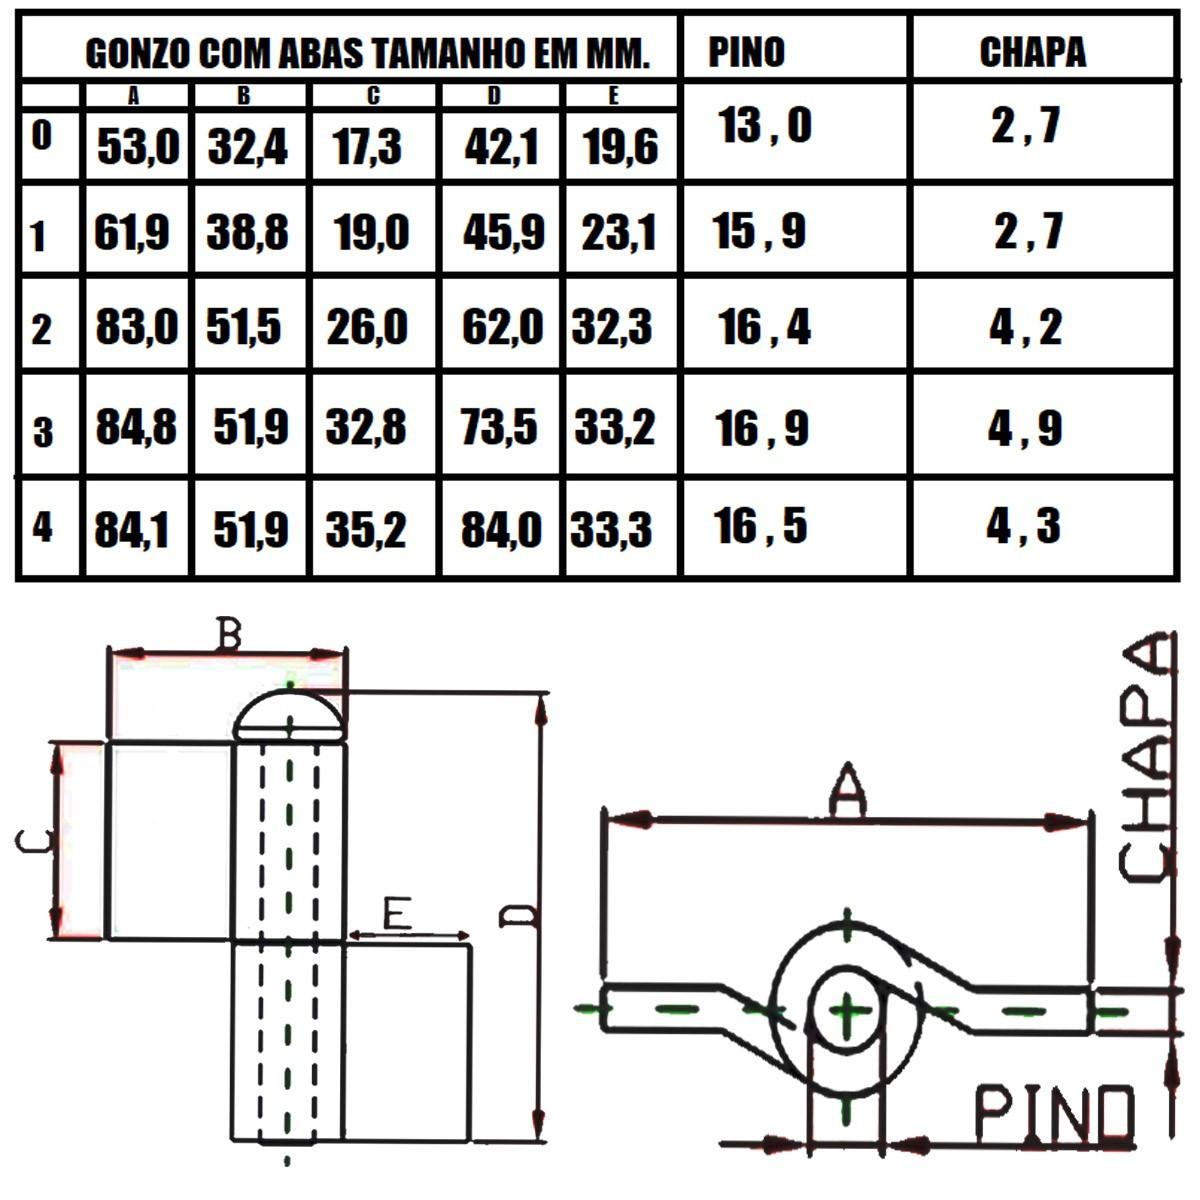 Kit 10un Gonzo Dobradiça Aba Nº1